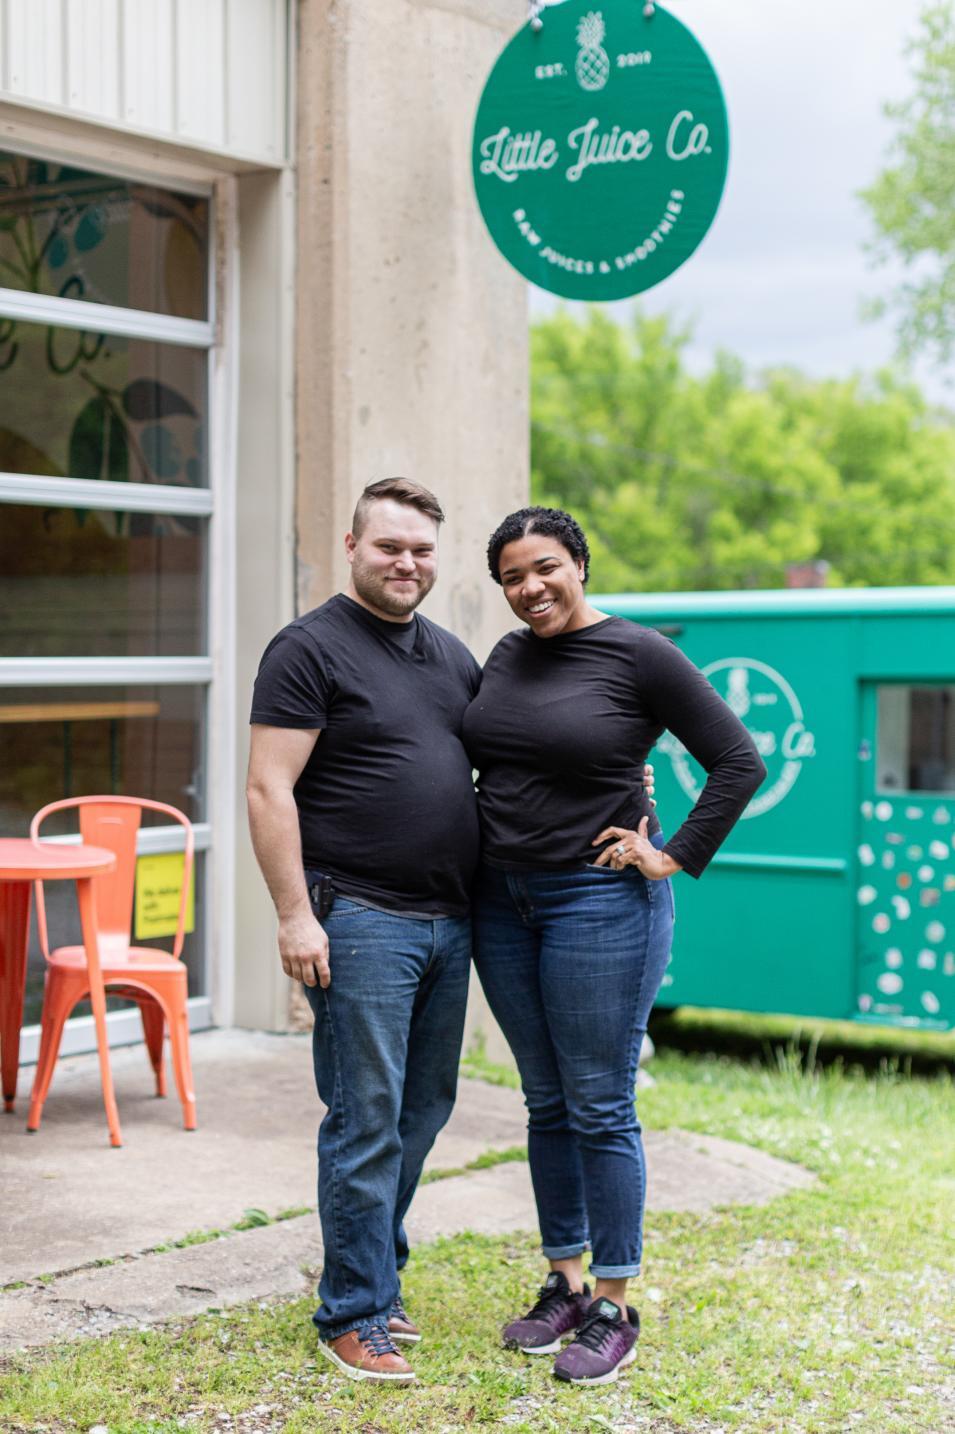 TJ & Rochelle Hutt - Little Juice Company